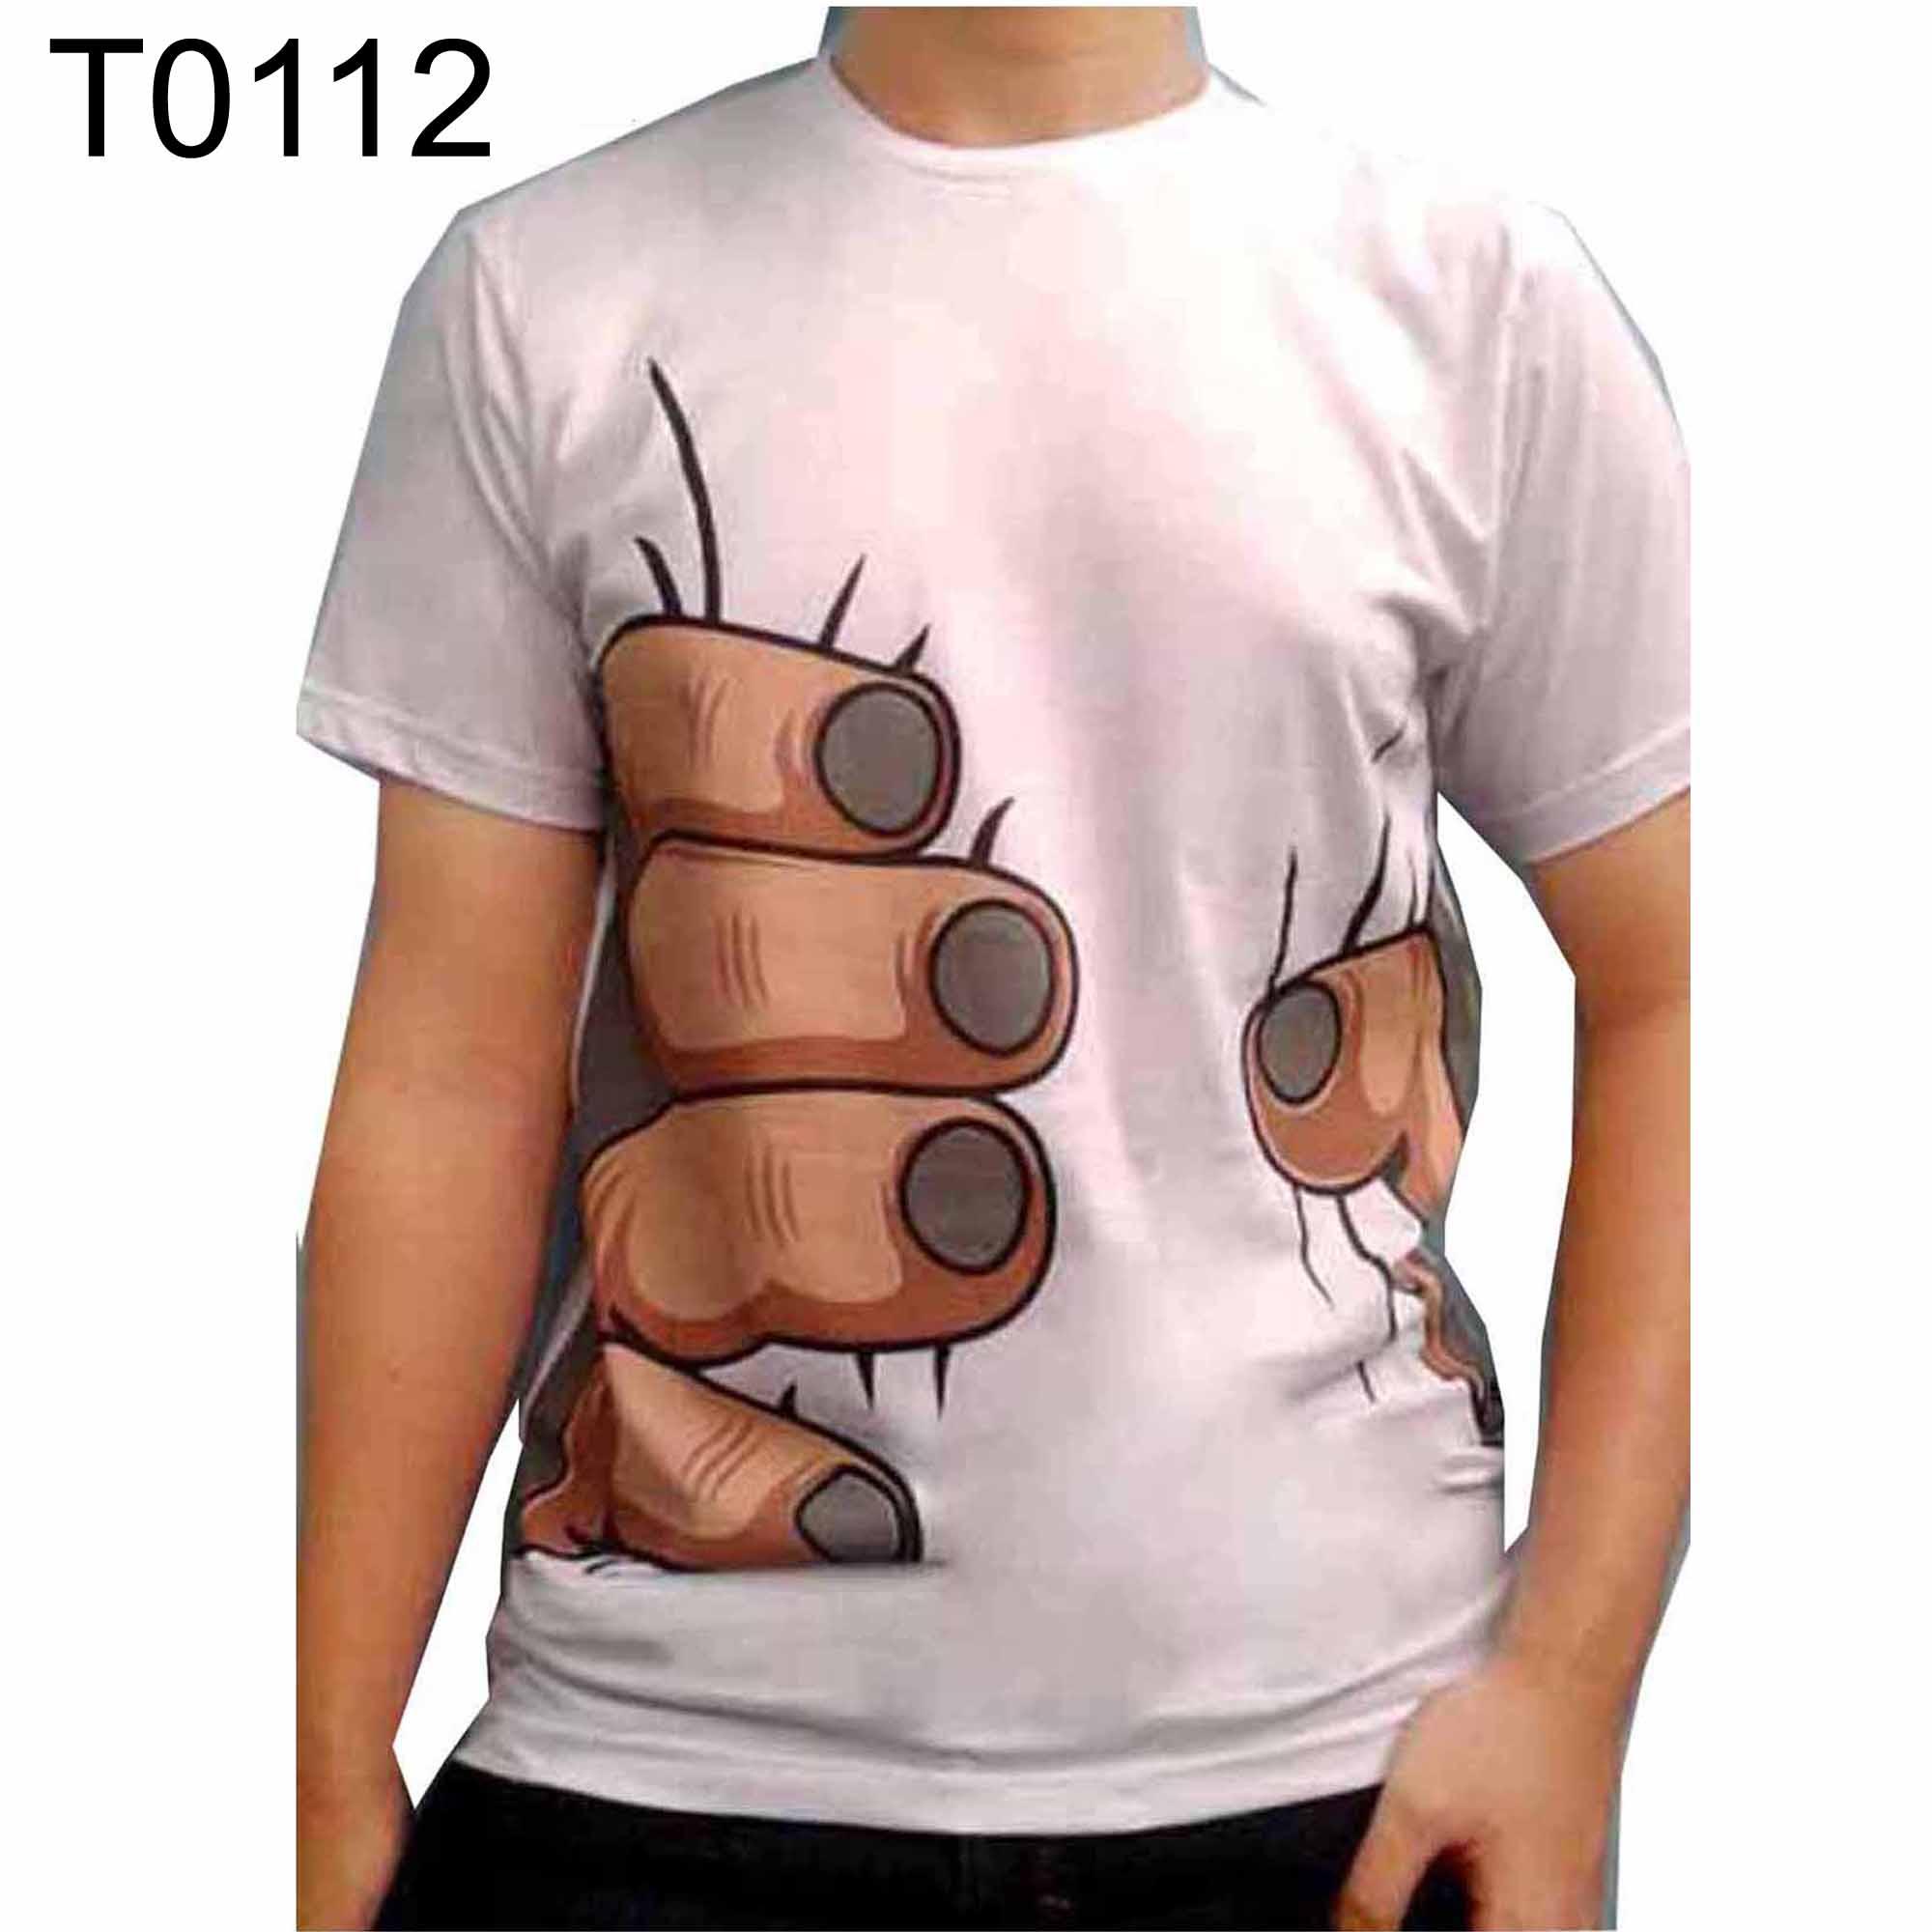 Jual T0112 Kotak - Kaos Distro Desain Unik Tangan Kaos Distro Motif ... 9749a6342e